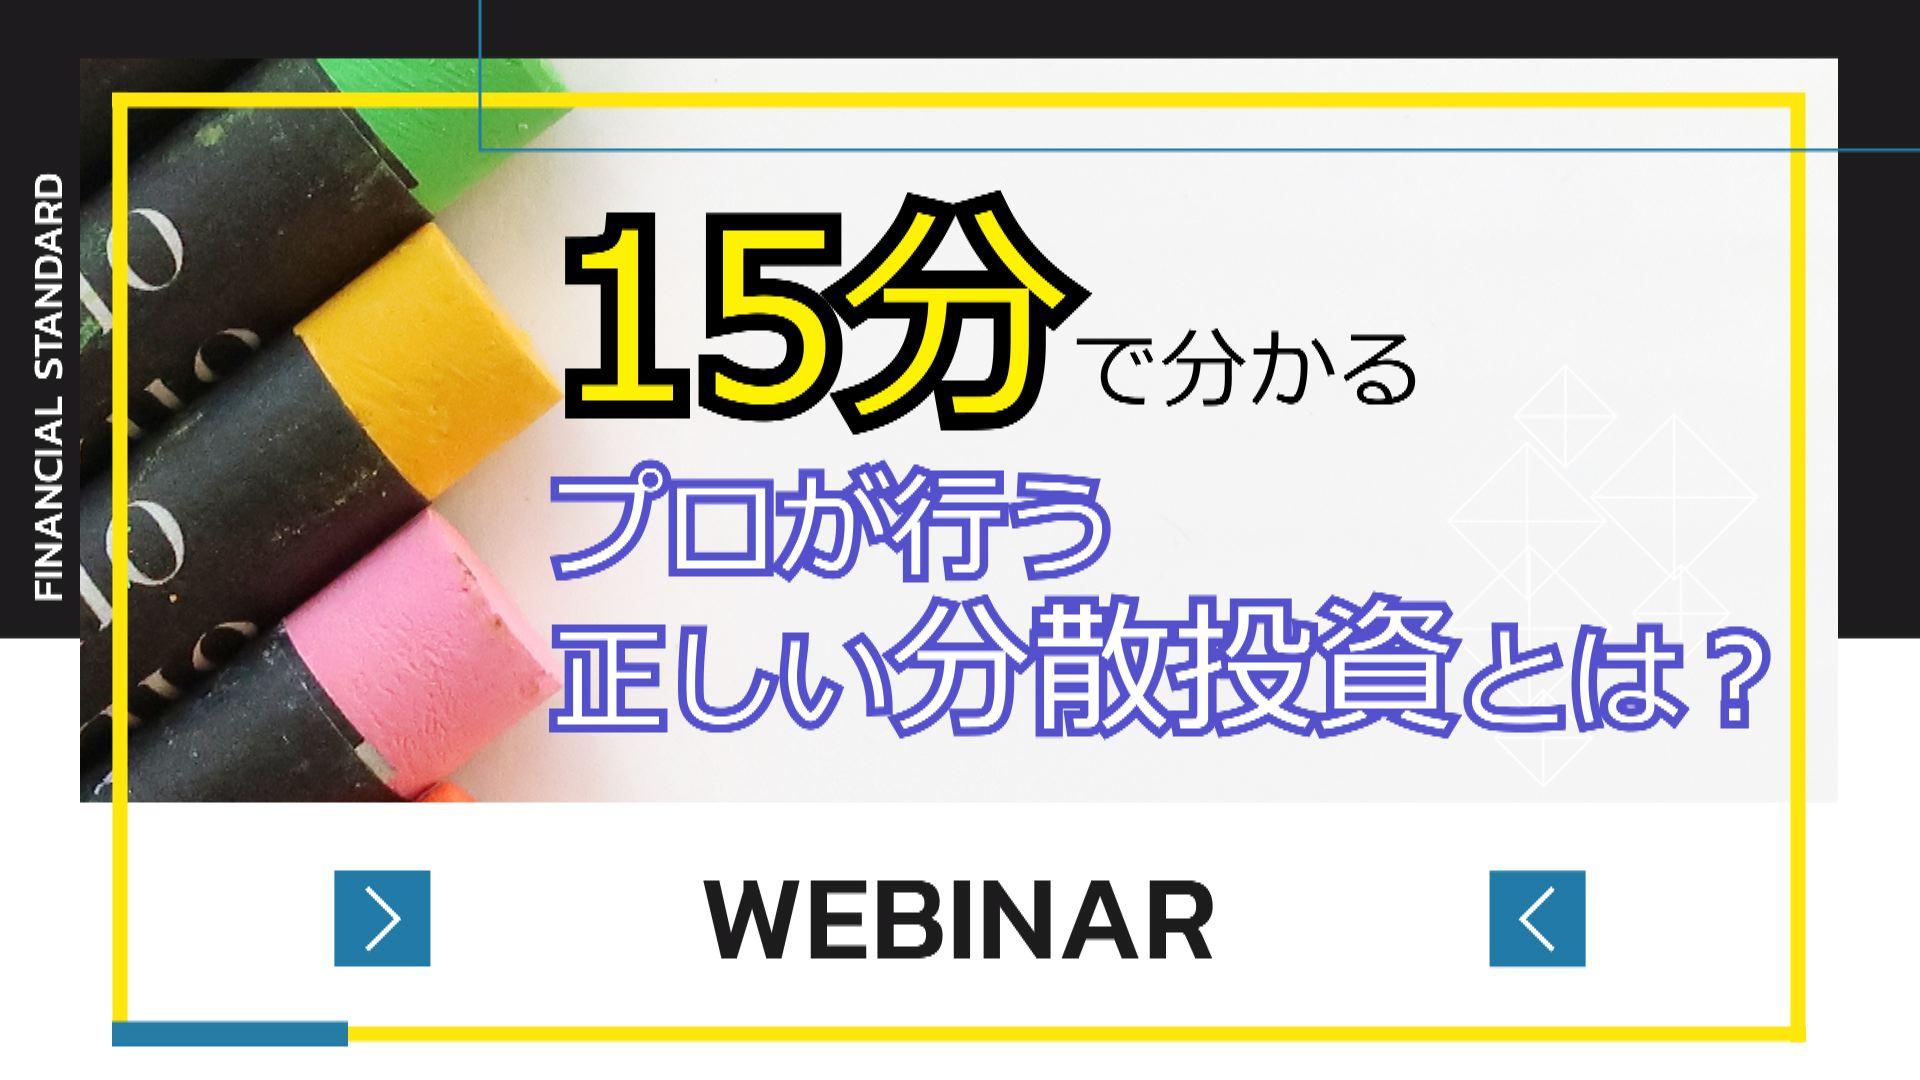 10/3(土)【Web】15分で分かる プロが行う正しい分散投資とは?